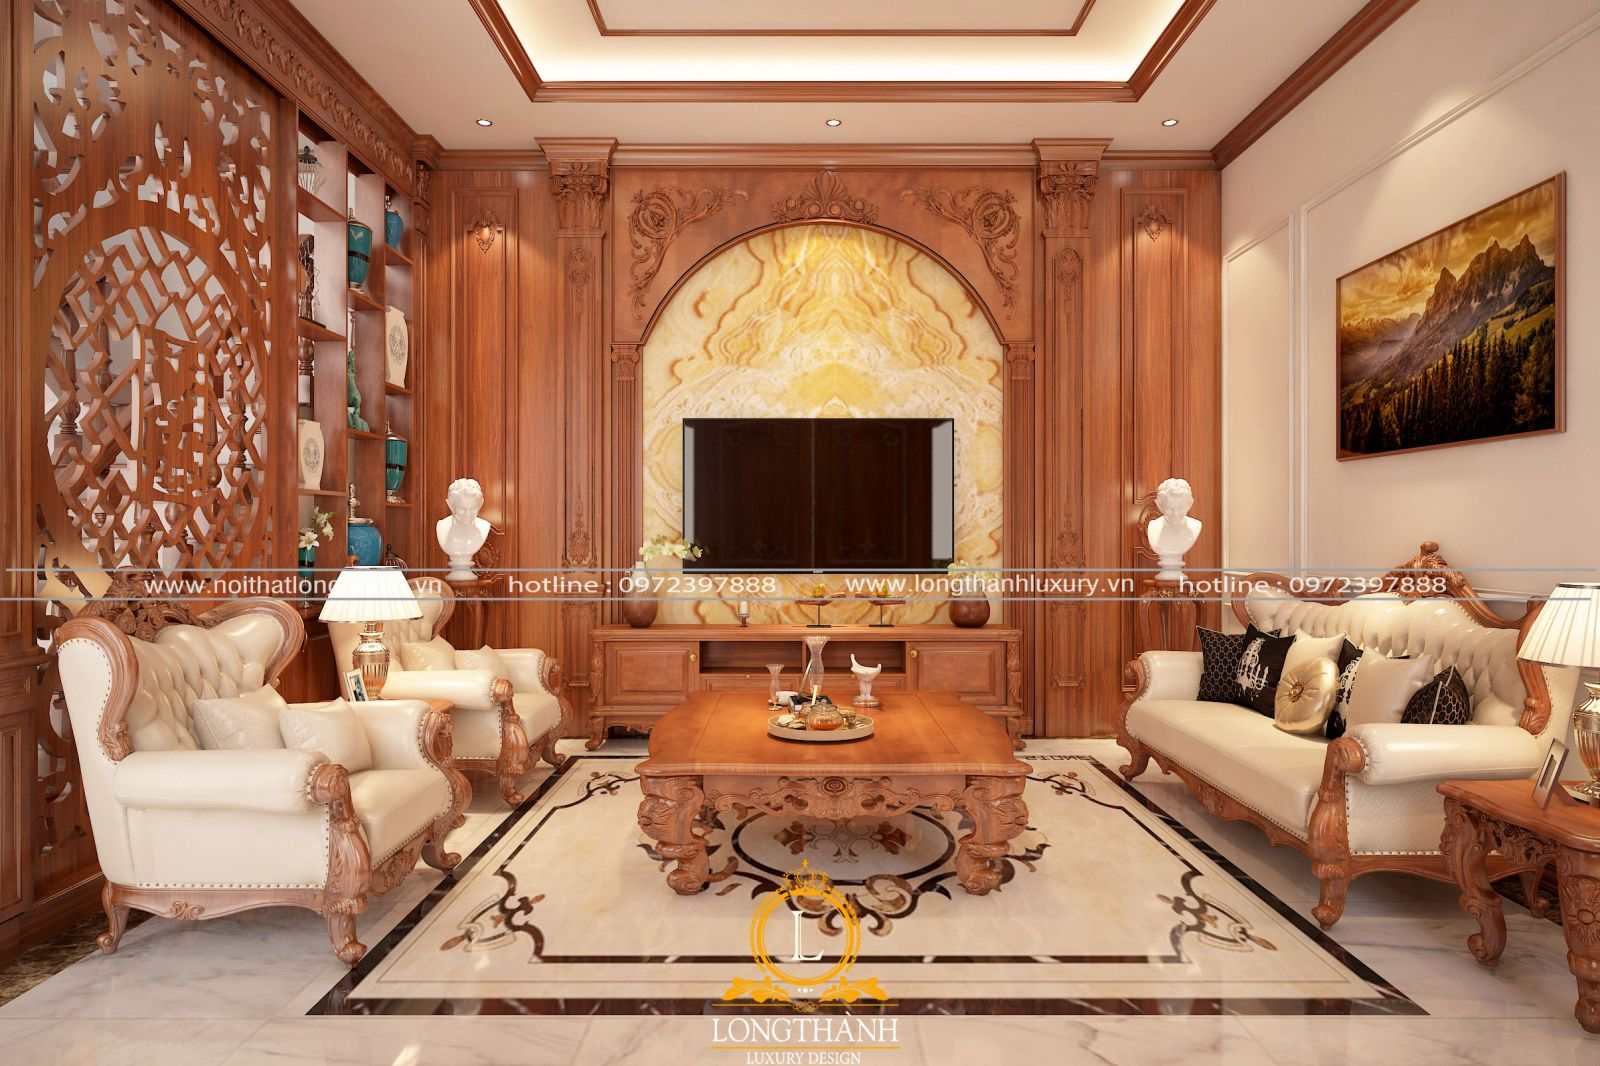 Những mẫu phòng khách biệt thự đẹp xu hướng 2021